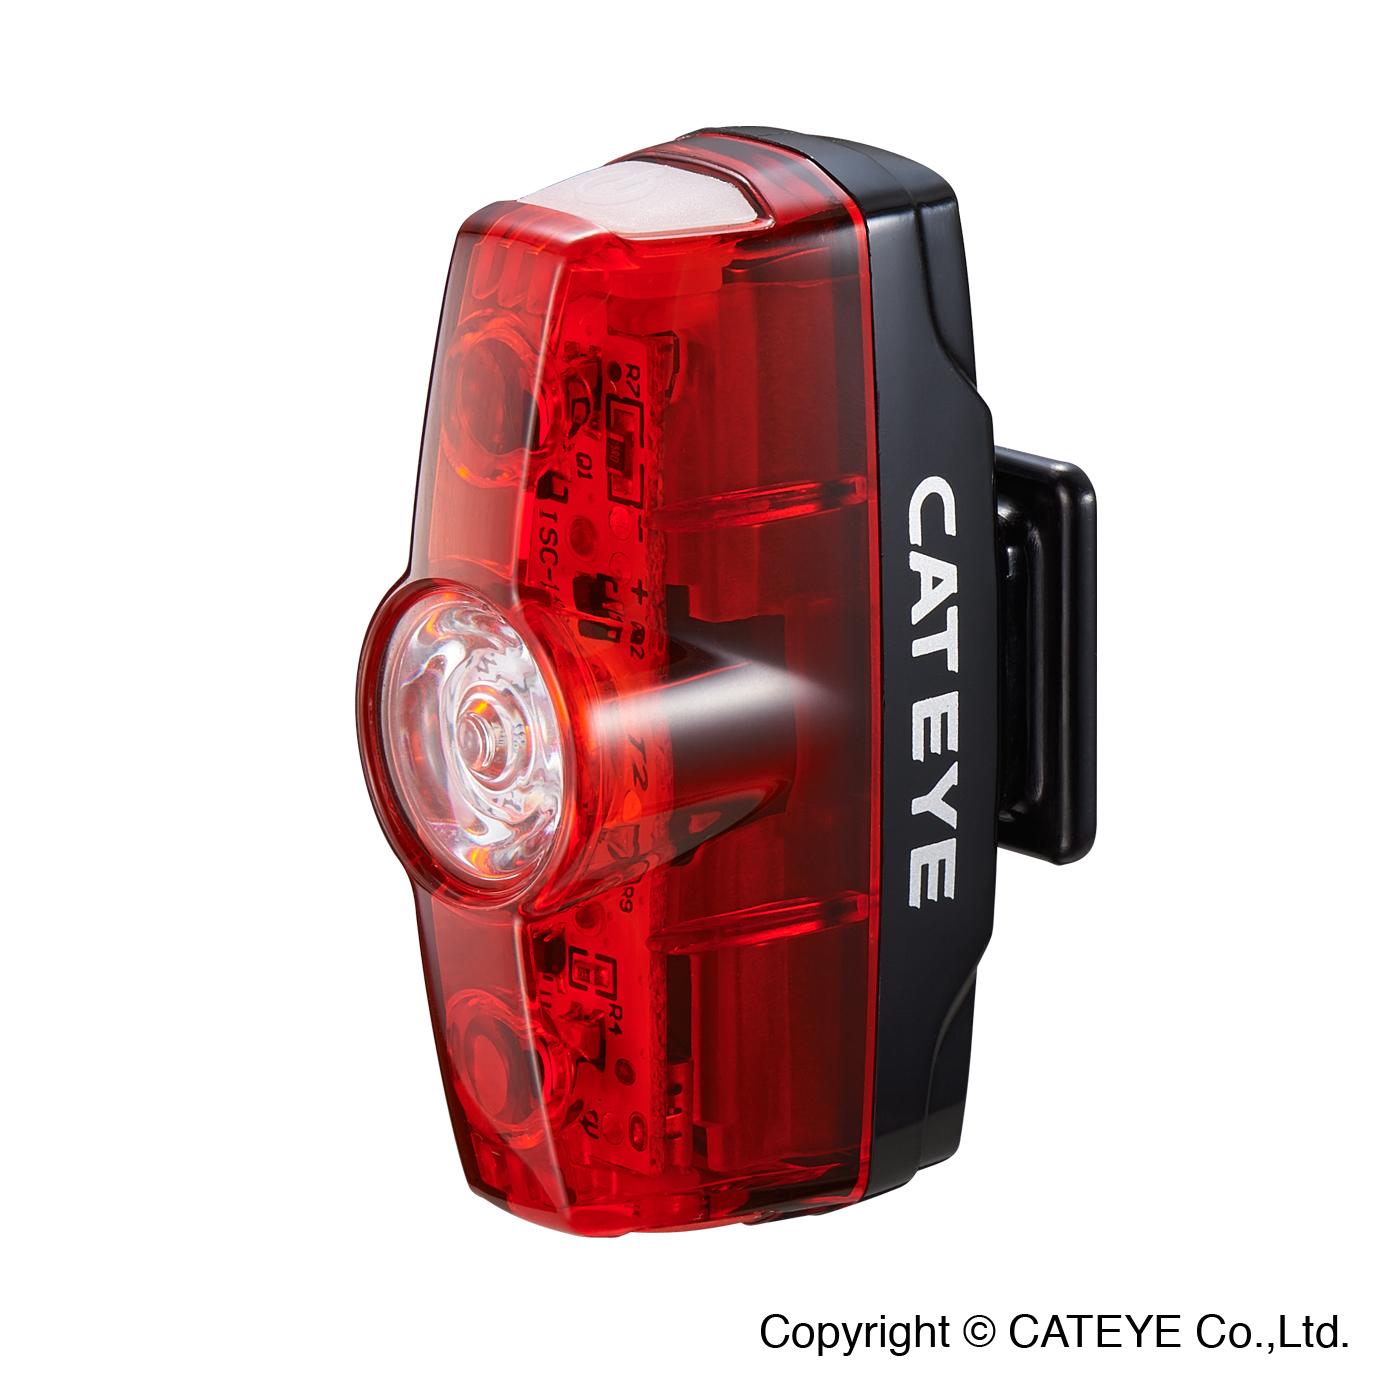 Cateye rapid micro